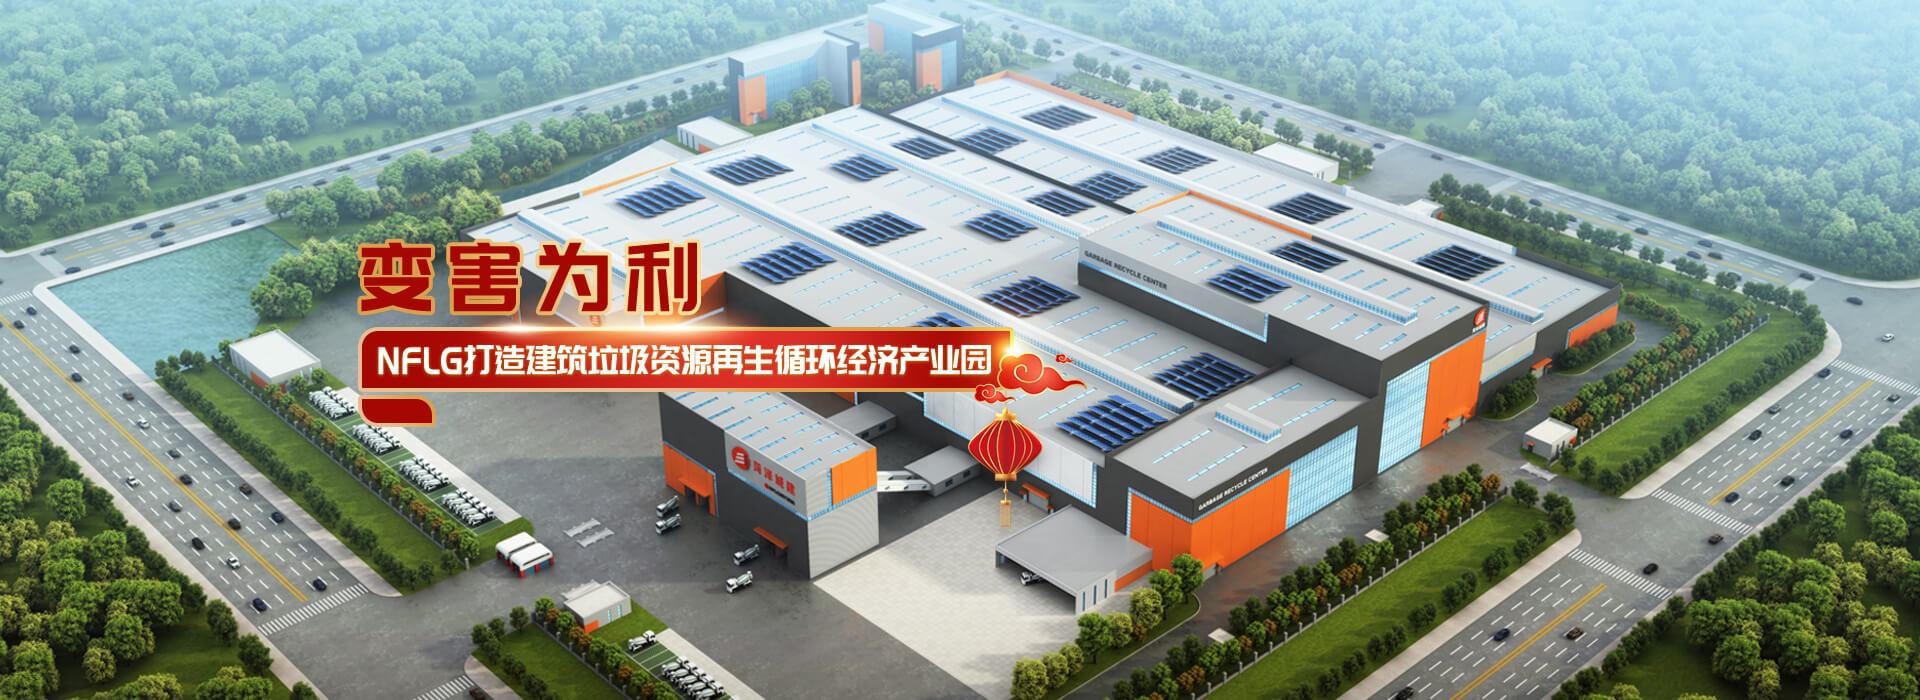 建筑垃圾资源再生循环经济产业园